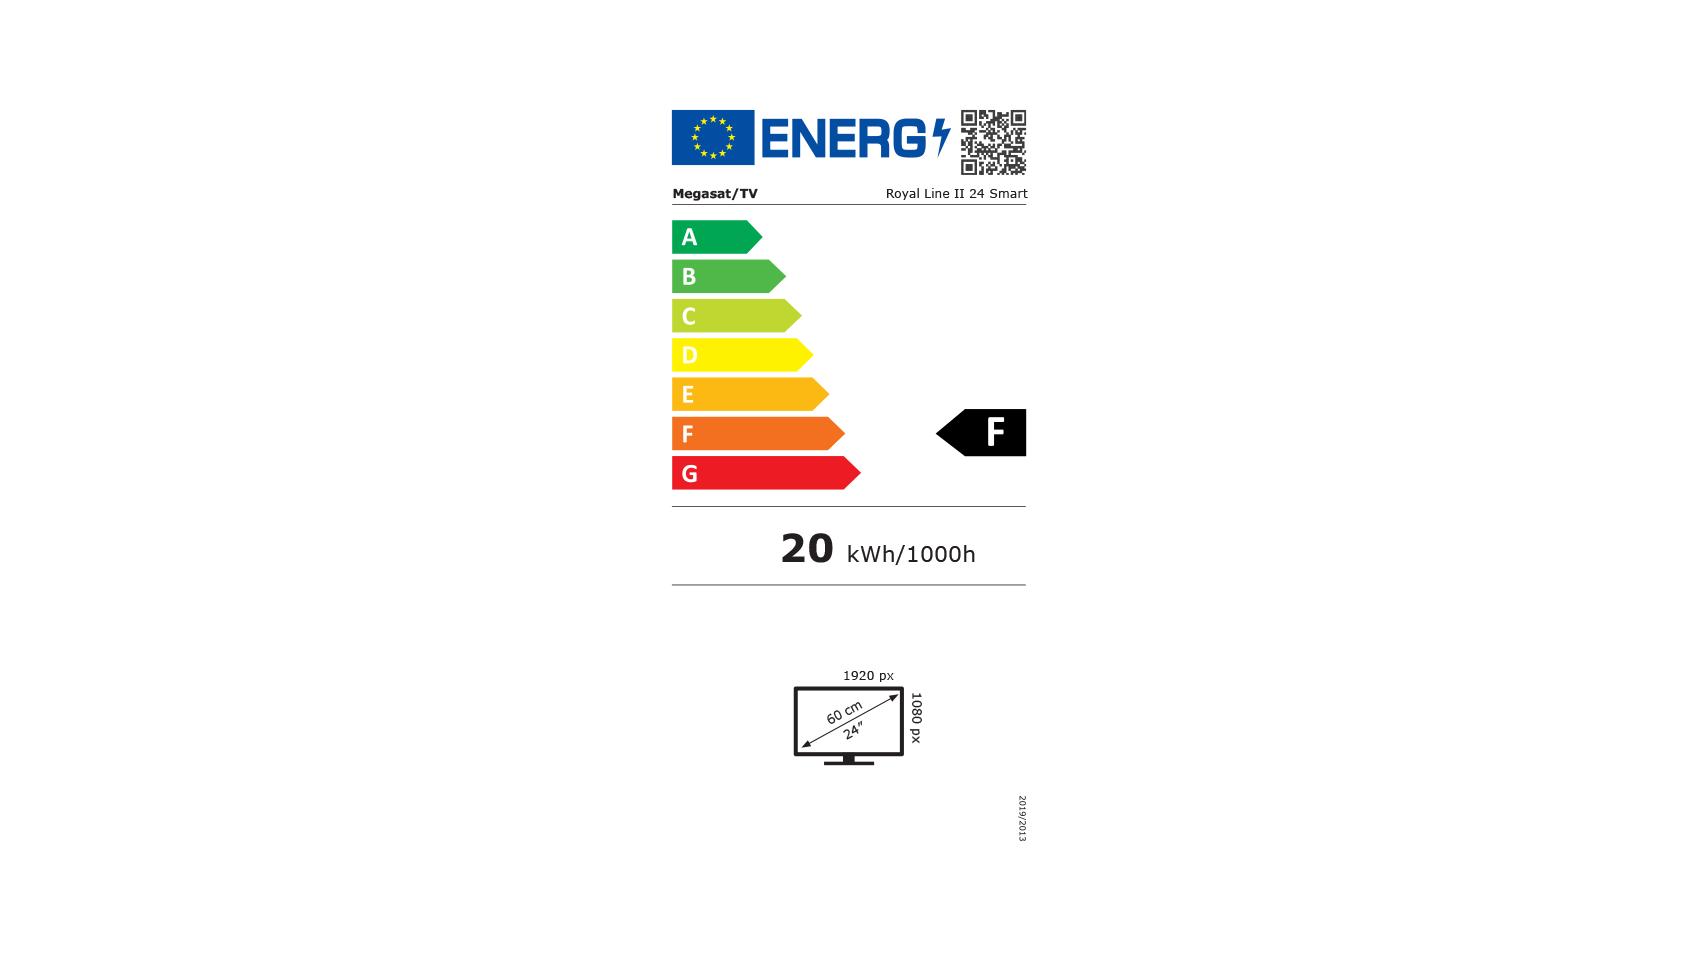 megasat_royal_line_2_24_smart_energielabel_2021